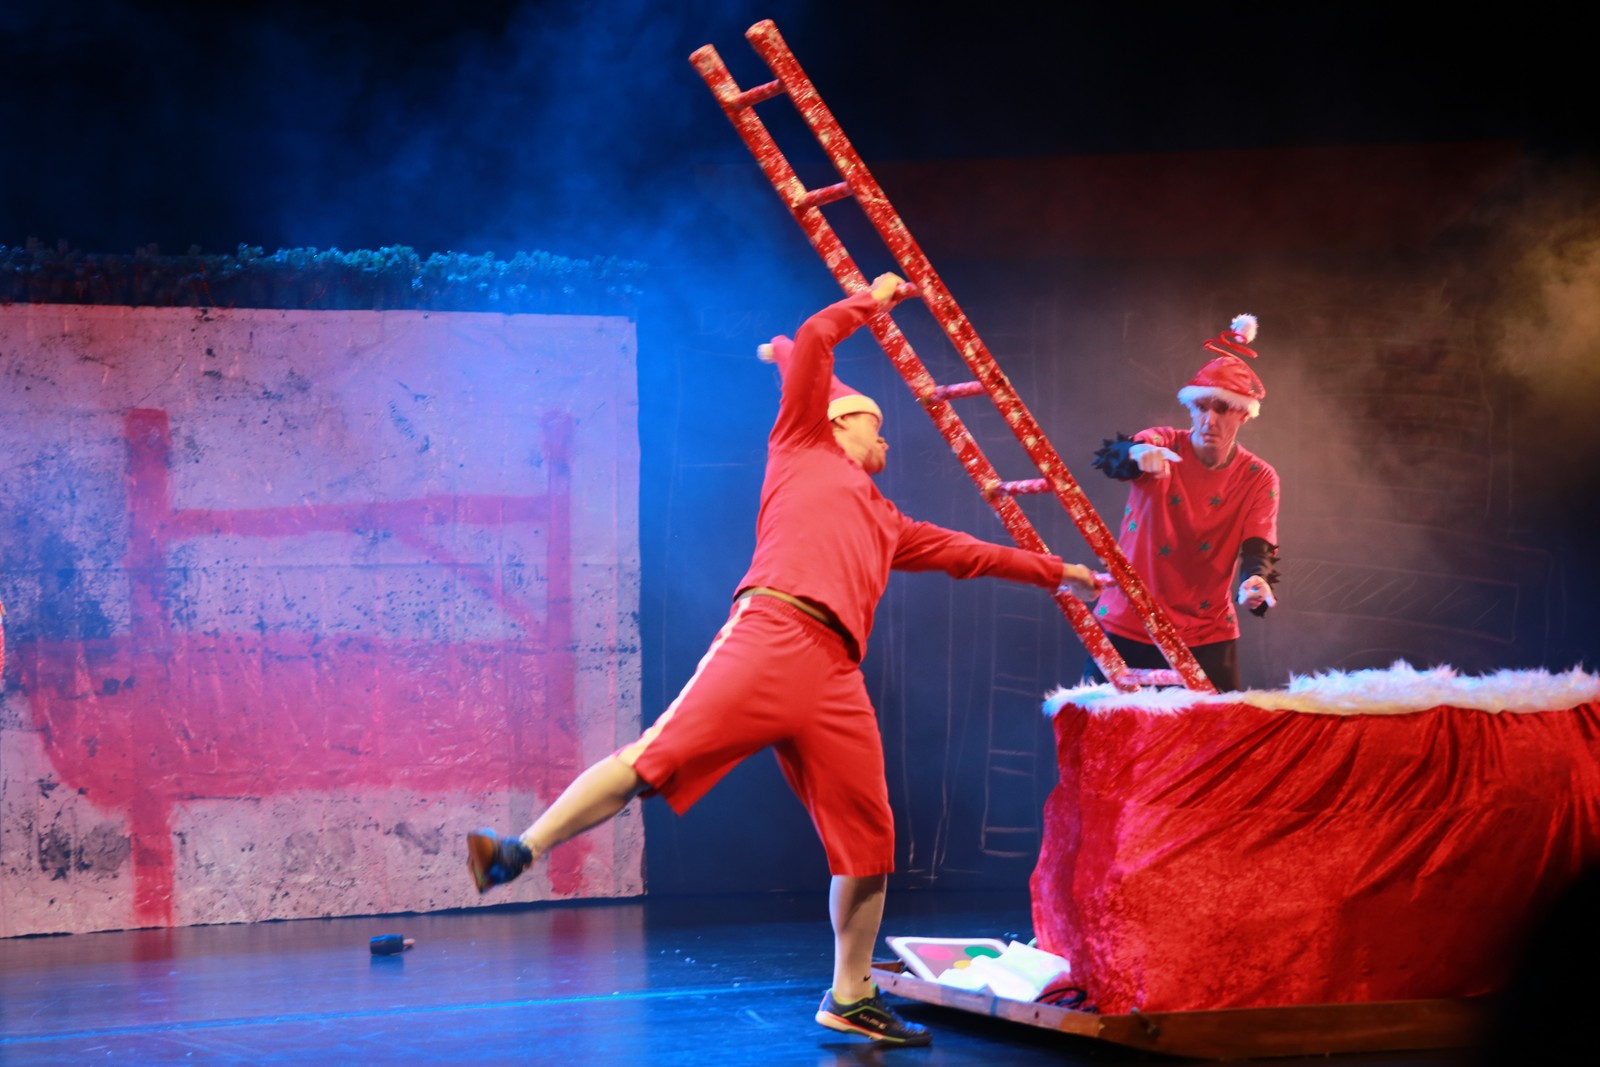 Mr. Caboom og Ove Rocketroll må finne på en smart måte å få stigen ned i julesekken.